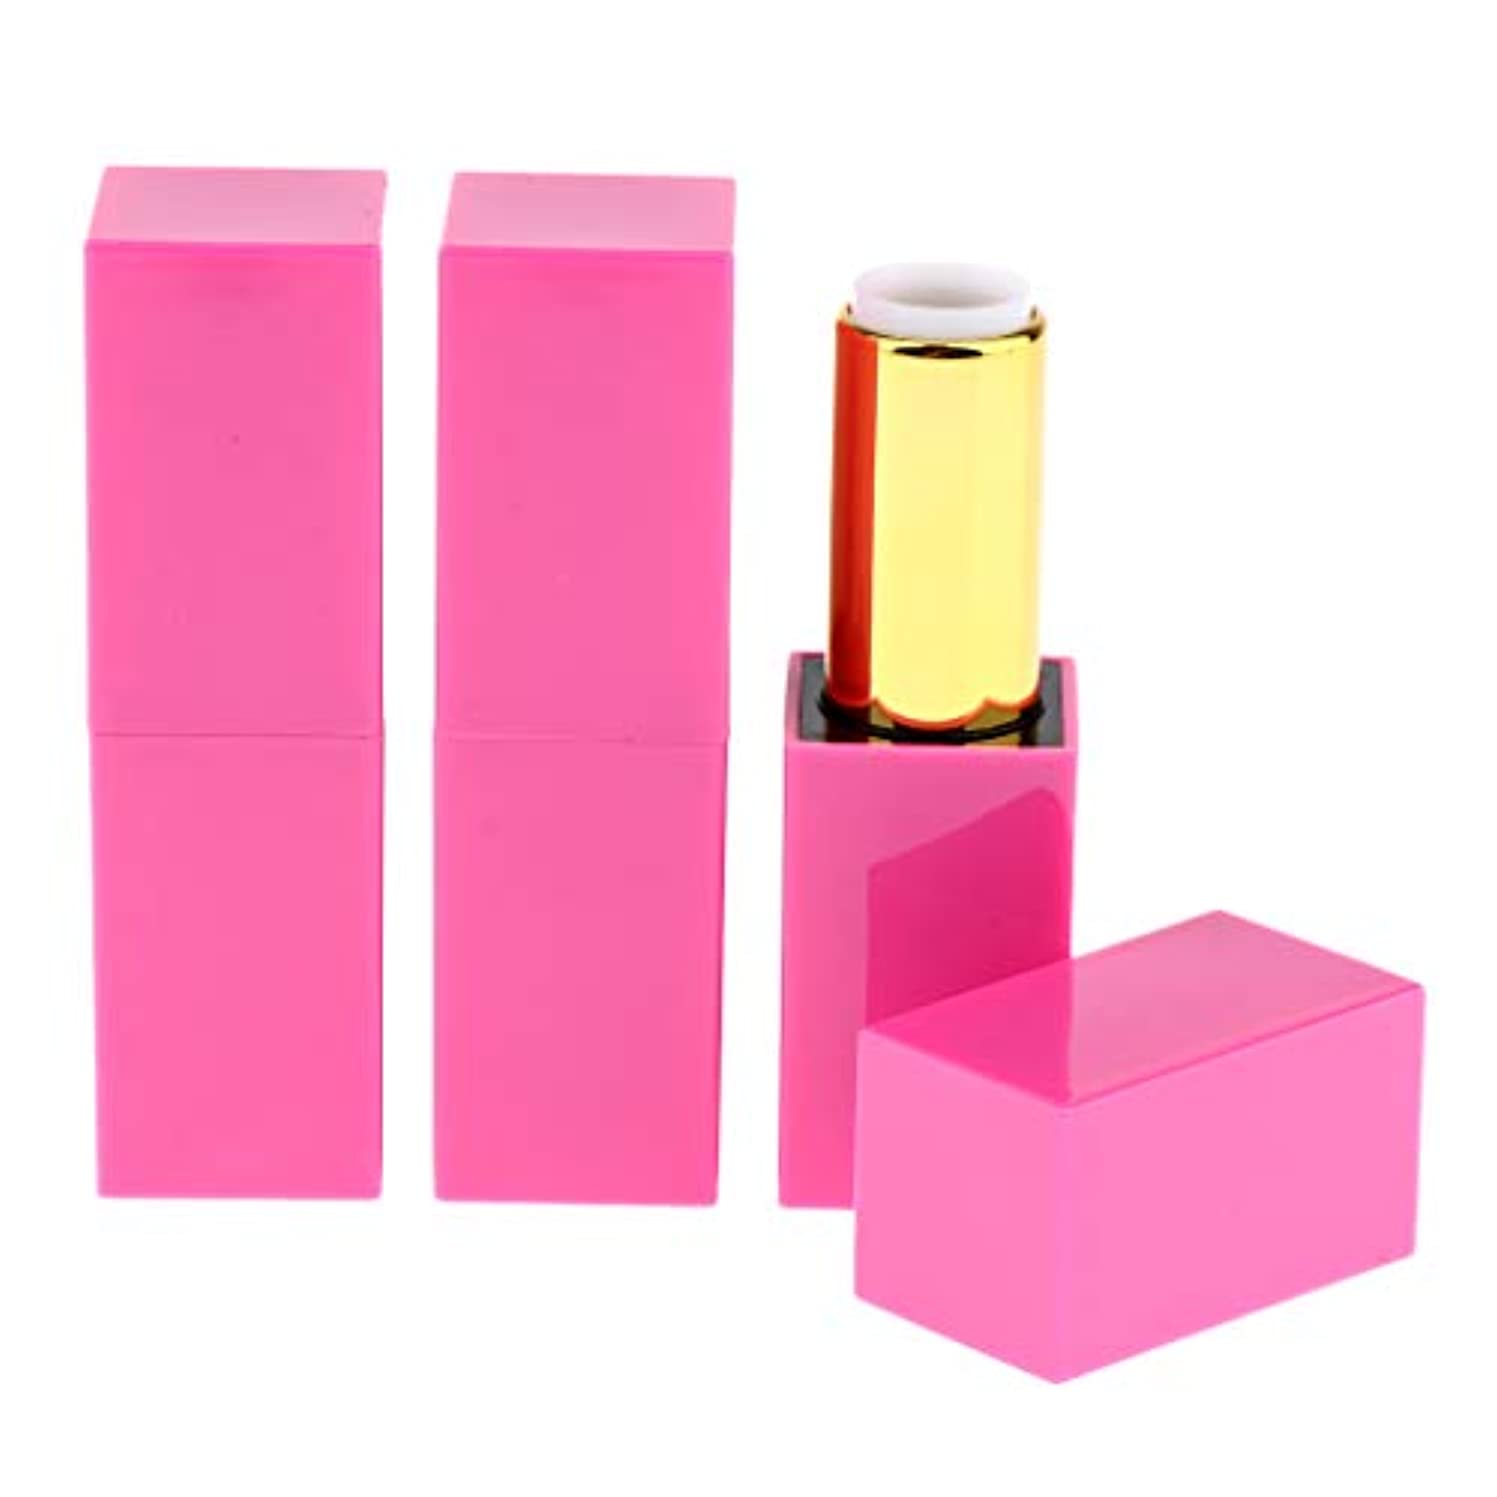 一杯魔術師不正直Perfeclan 3点入り 化粧チューブ 空の口紅チューブ リップグロスチューブ リップクリーム容器